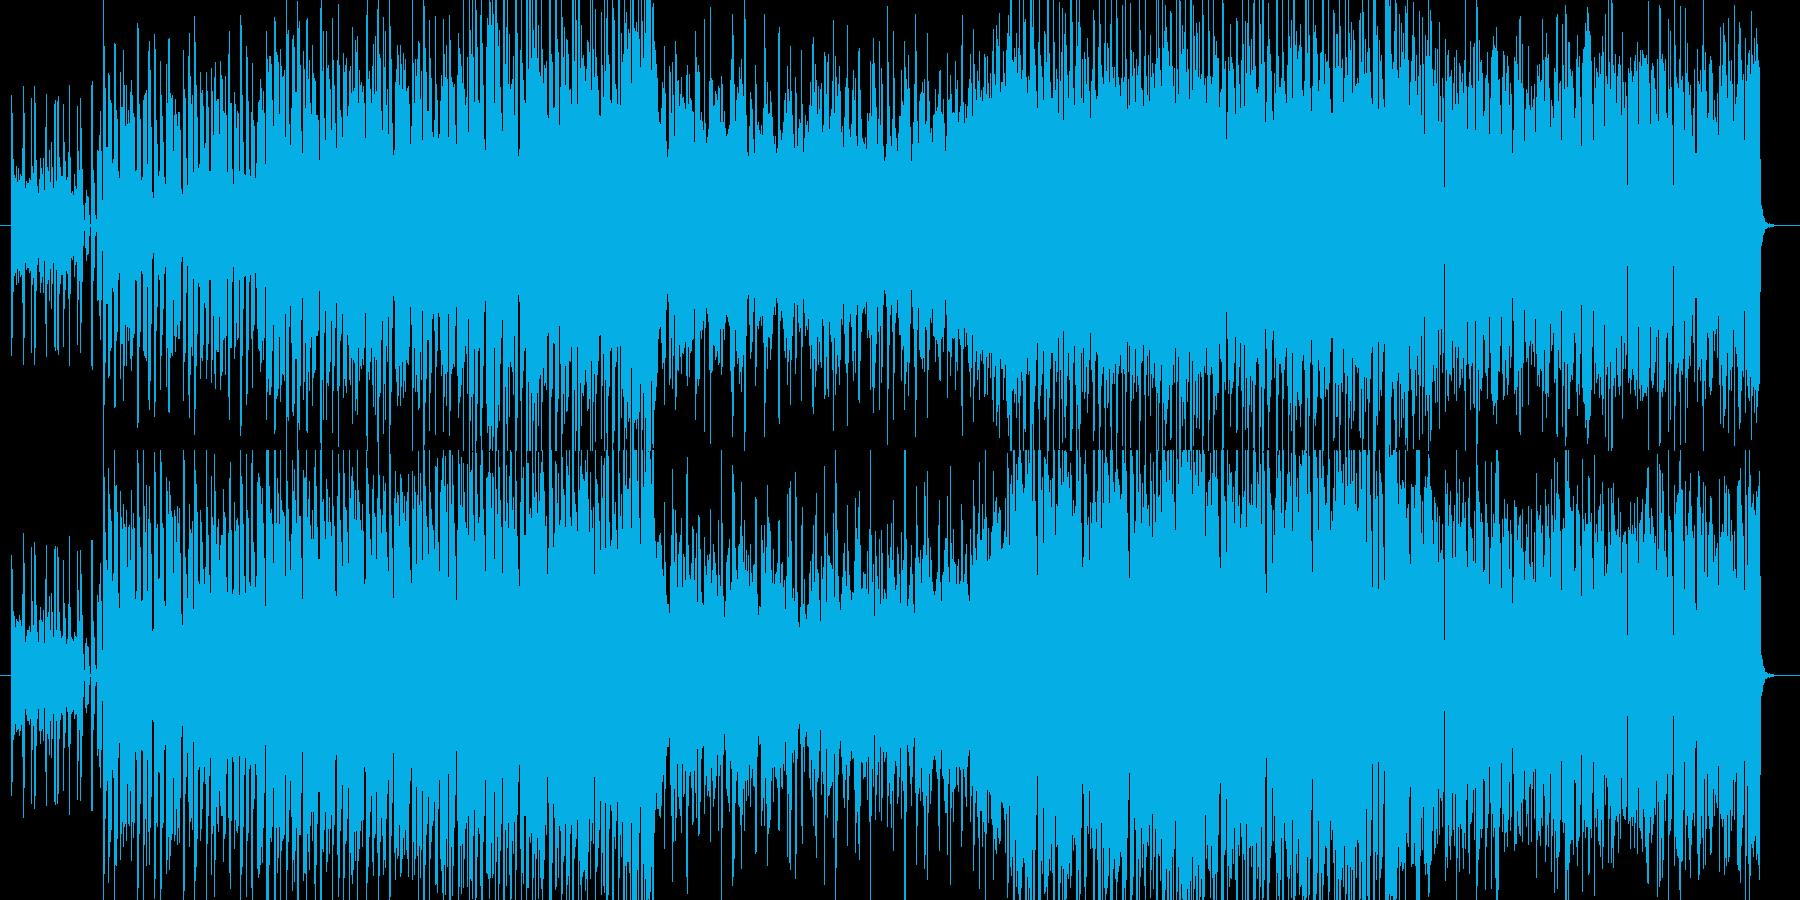 弦楽器とストリングスの入ったテクノ曲の再生済みの波形